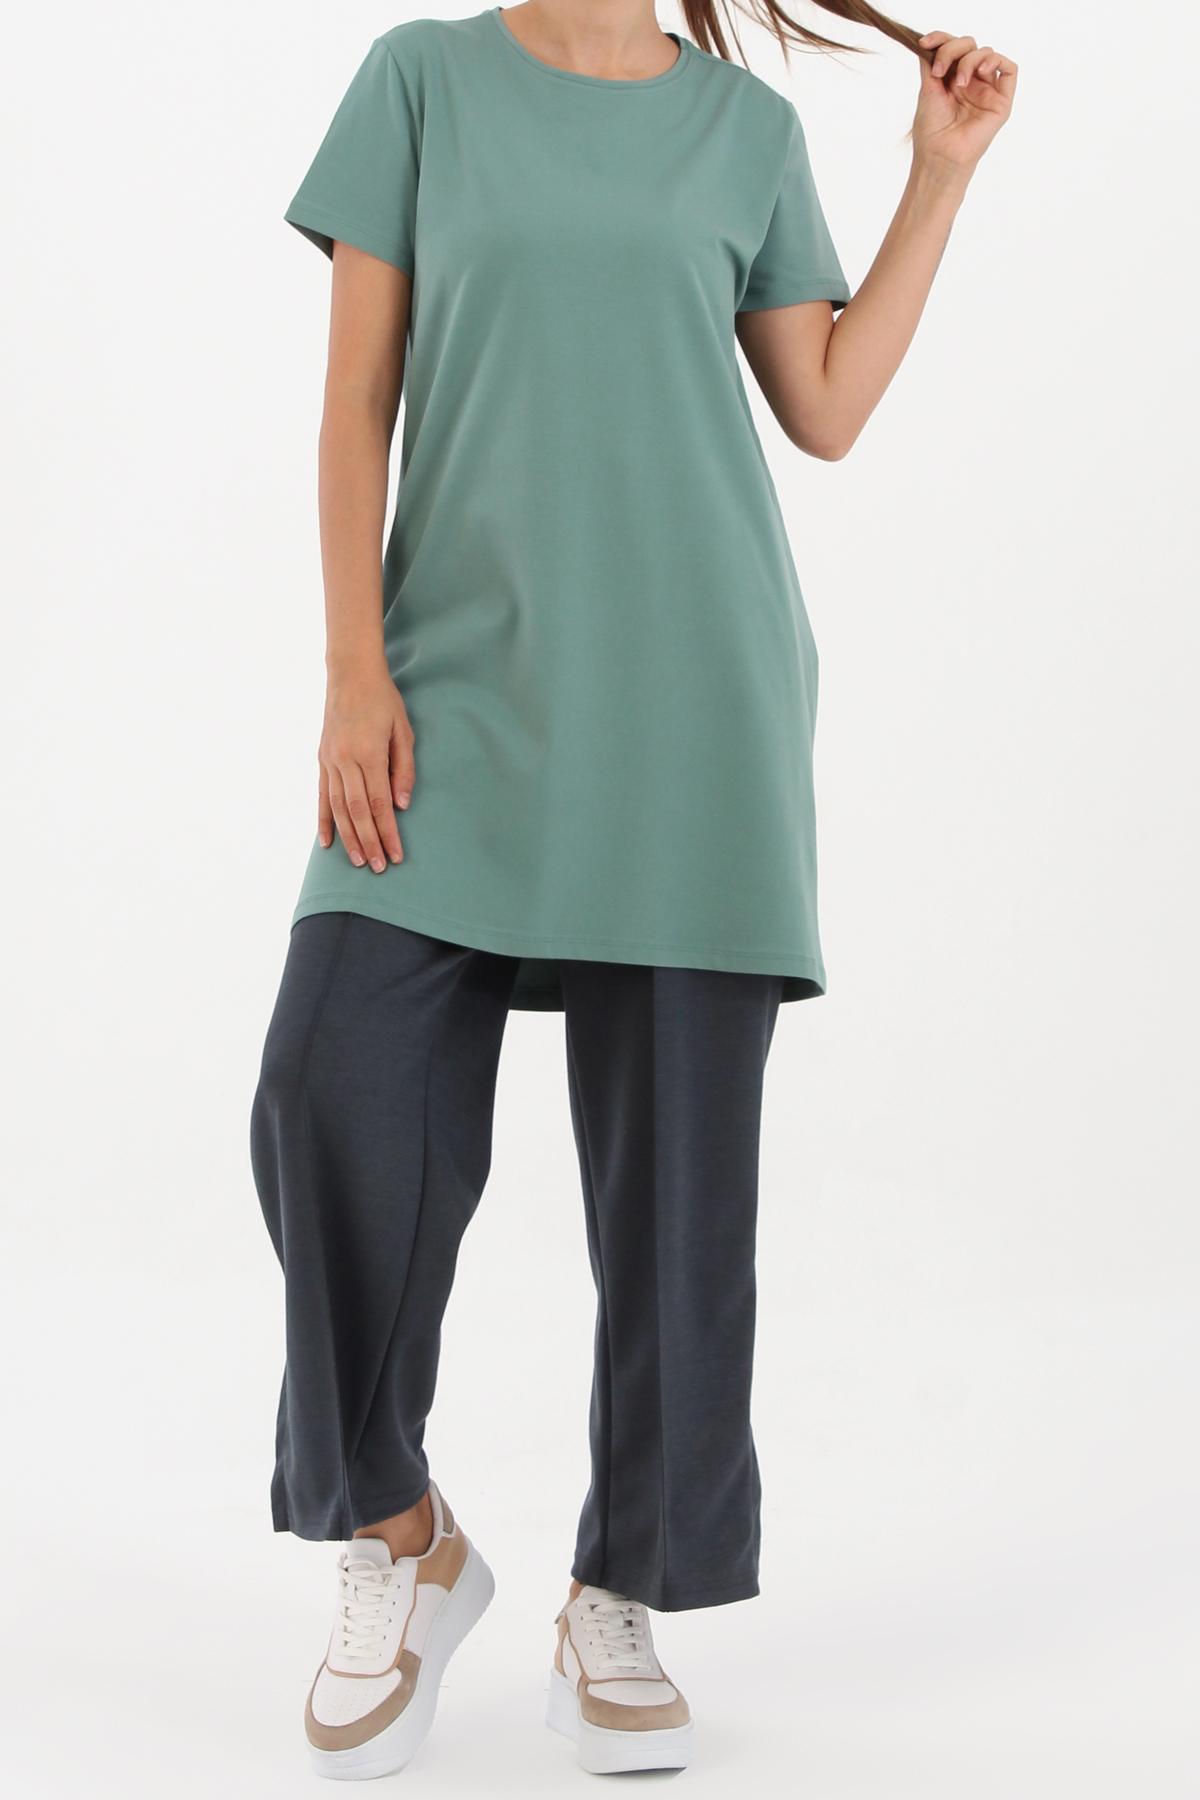 Basic Cotton Short Sleeve T-shirt Tunic